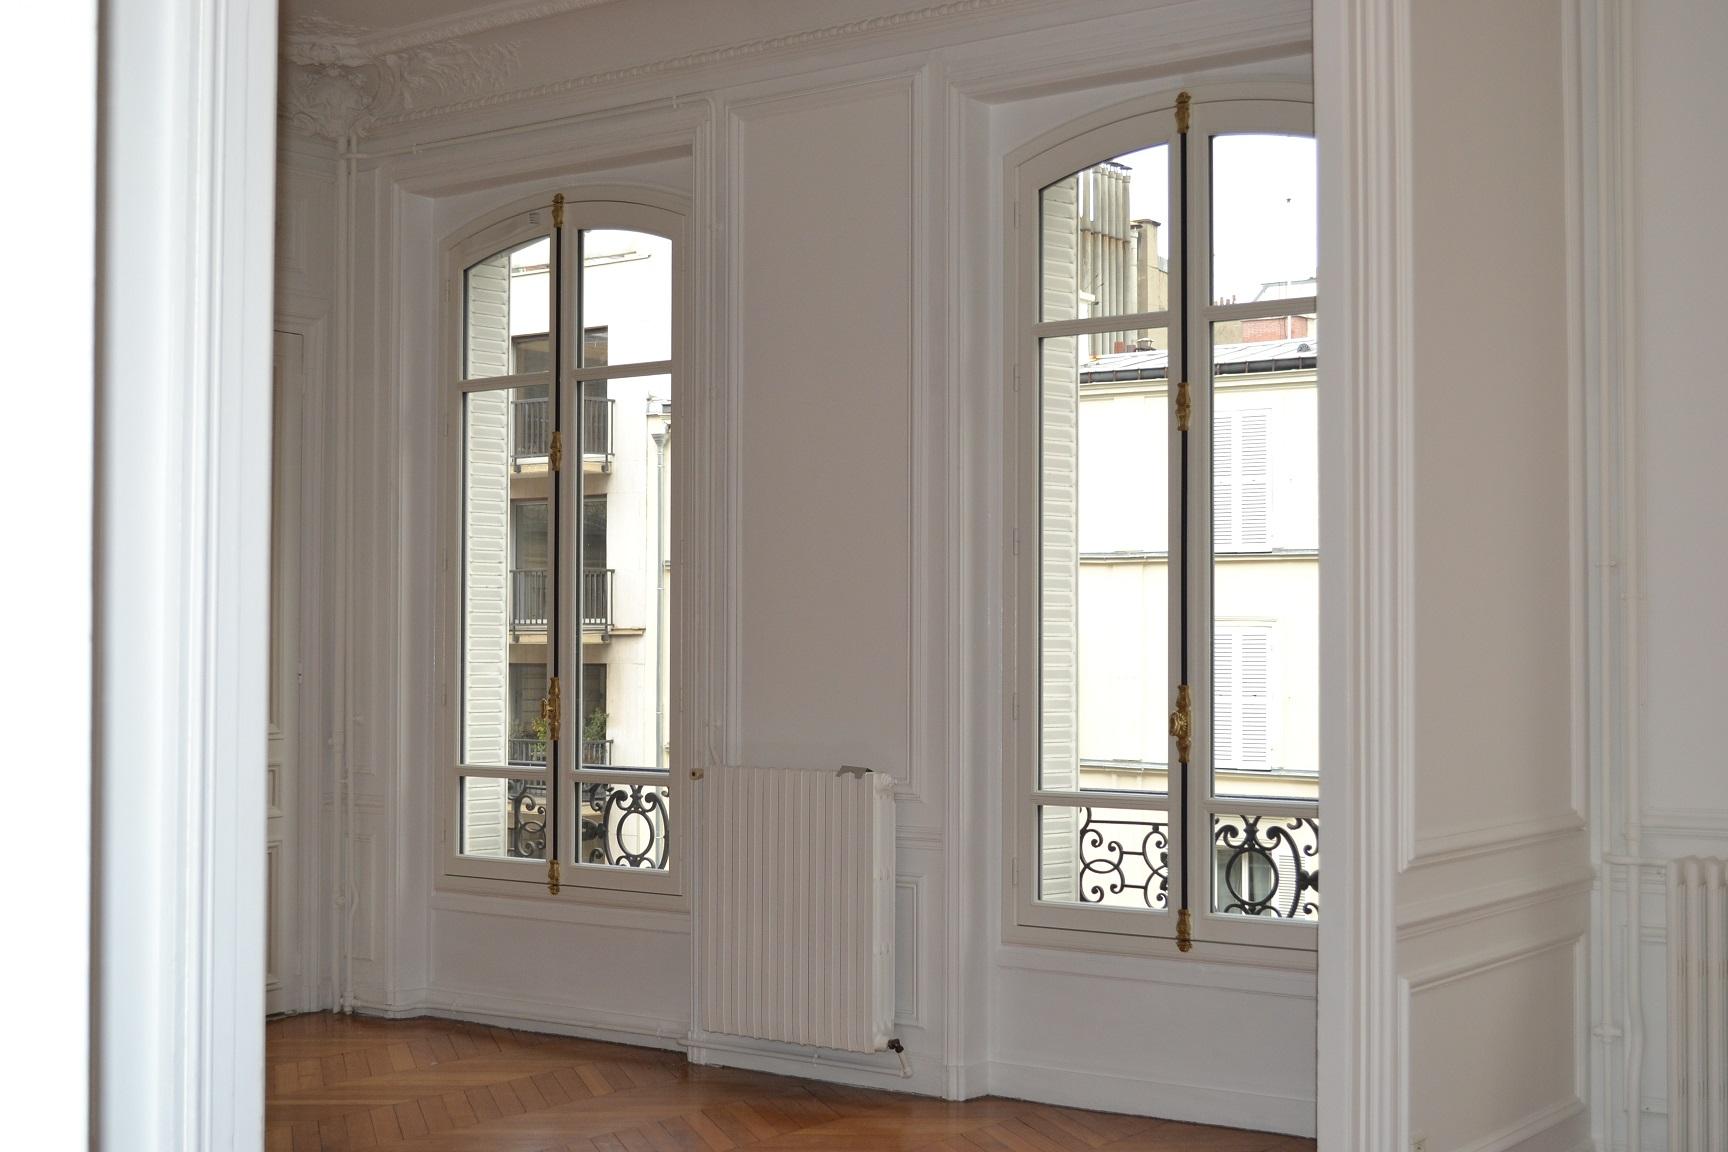 Chaque appartement dispose de 20 fenêtres.